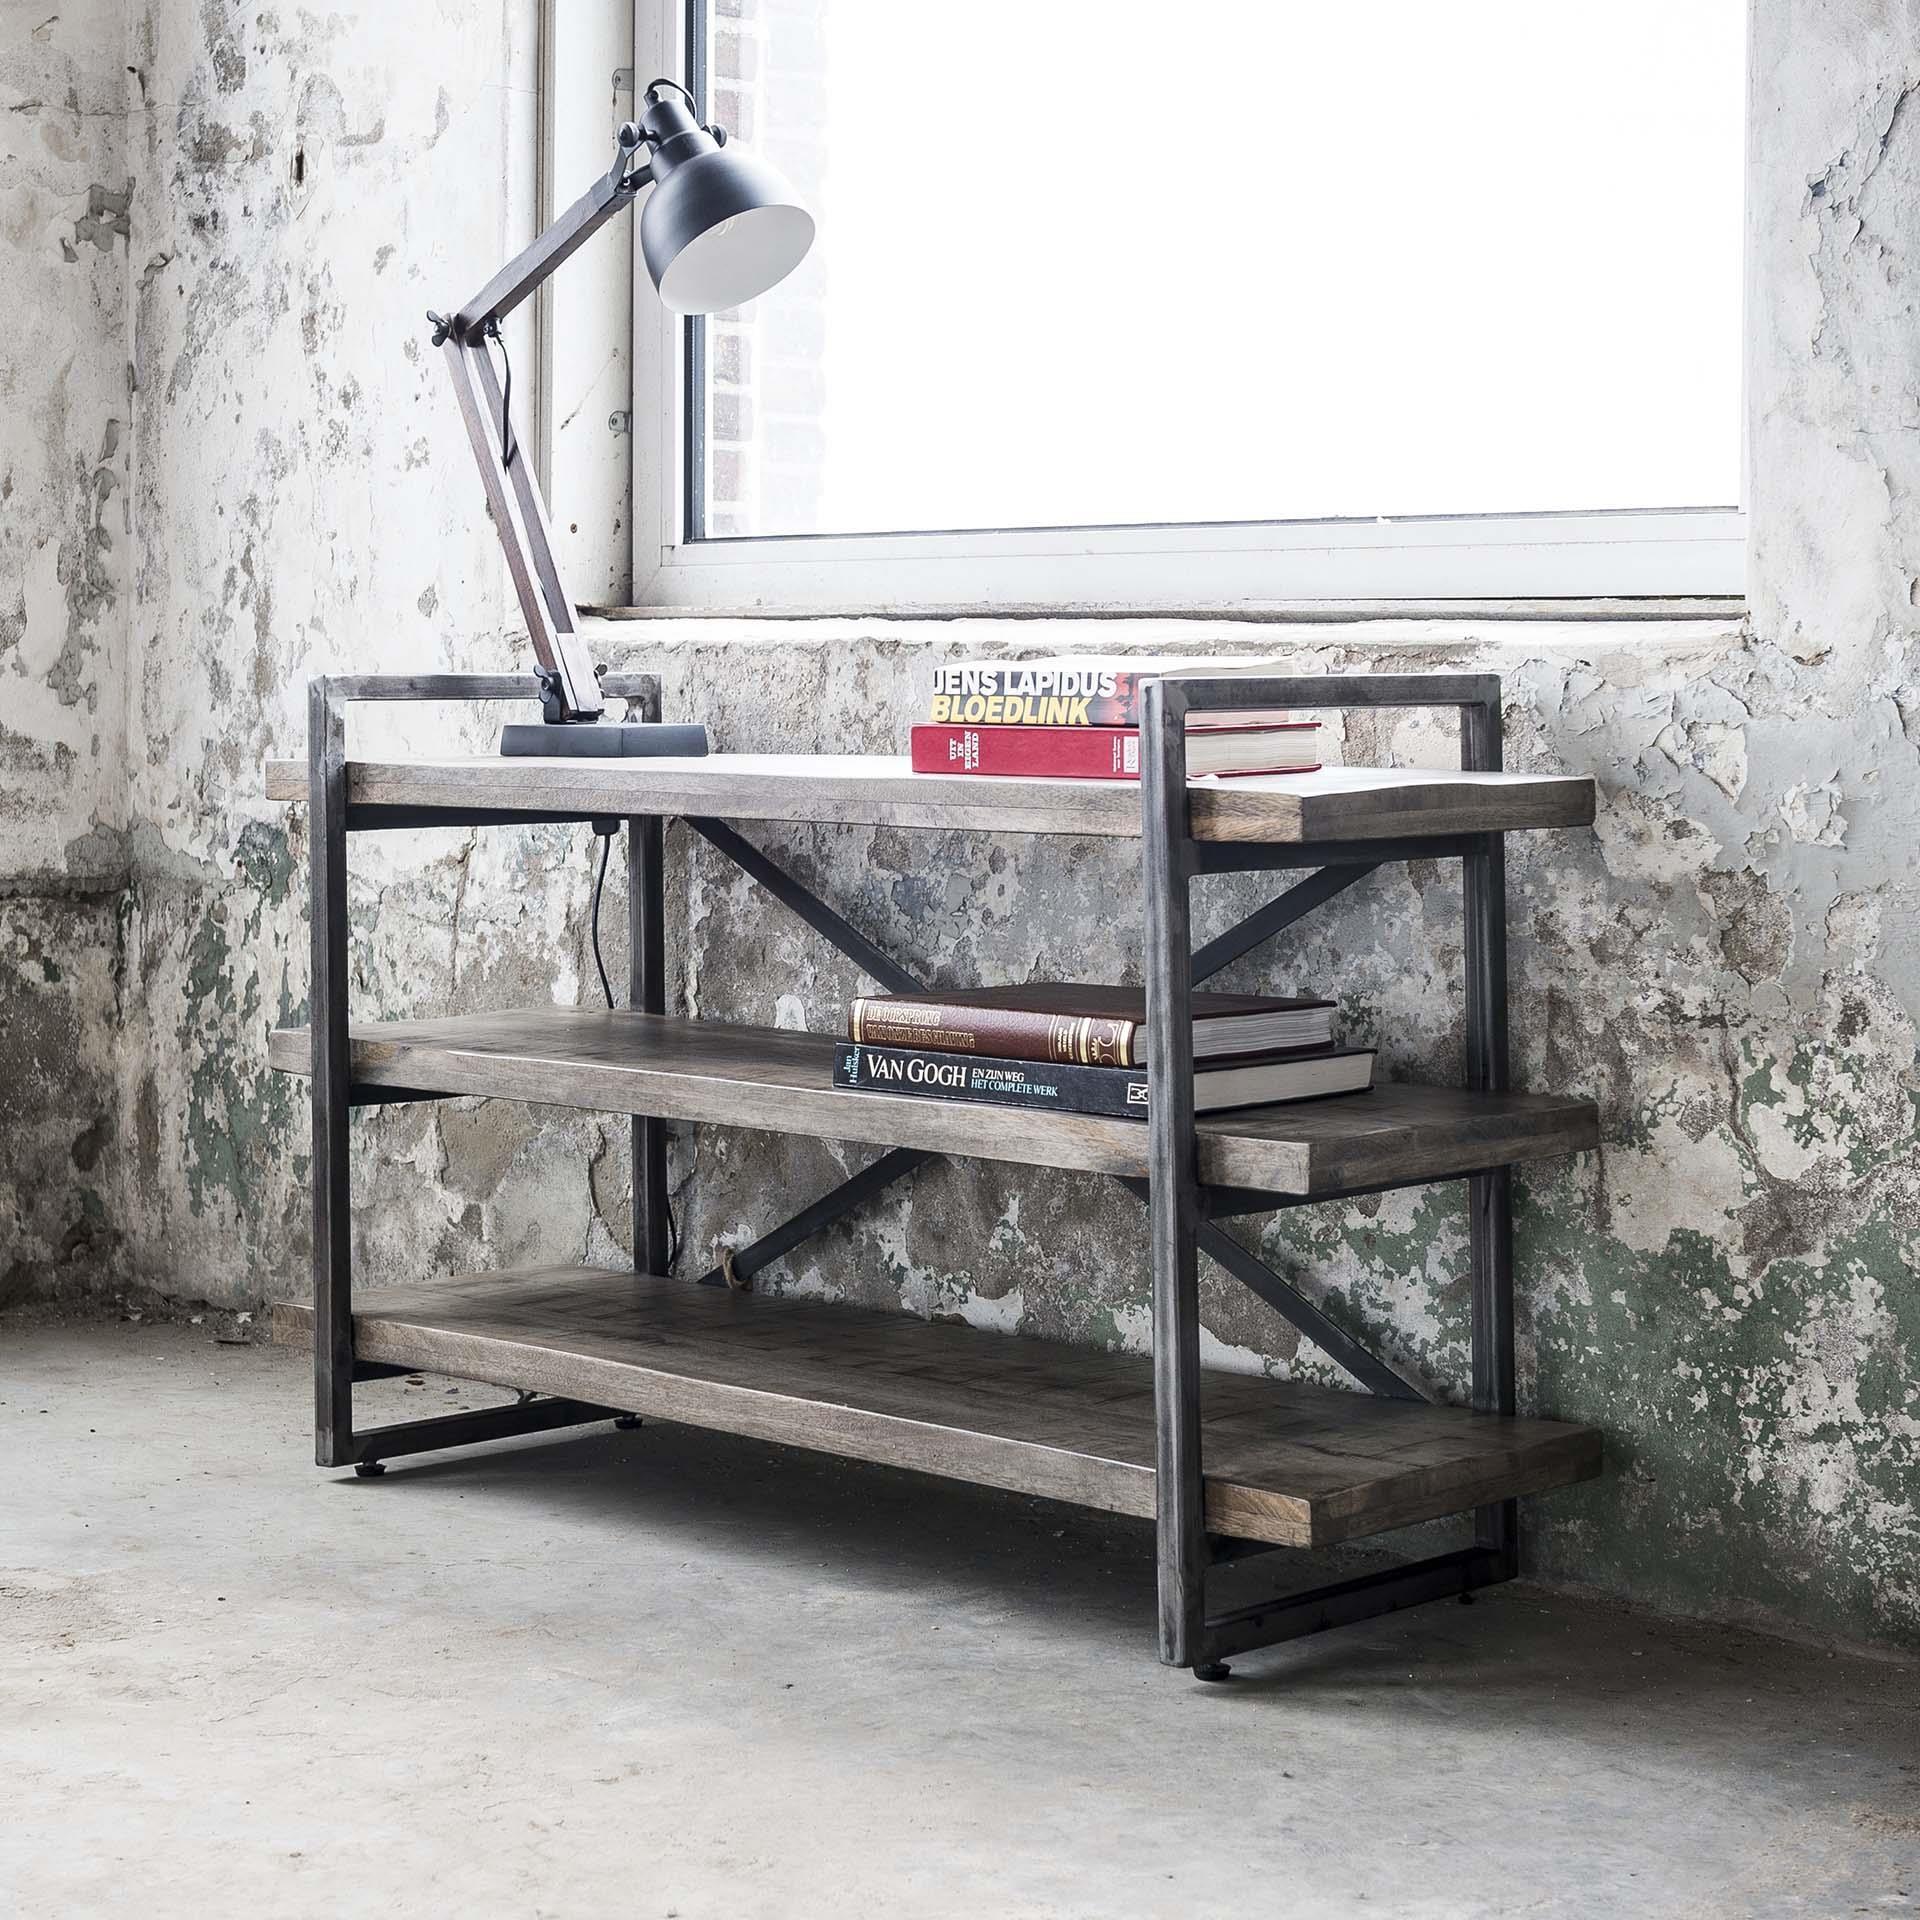 Wandrek 'Rift' 120cm Kasten | Overige kasten vergelijken doe je het voordeligst hier bij Meubelpartner